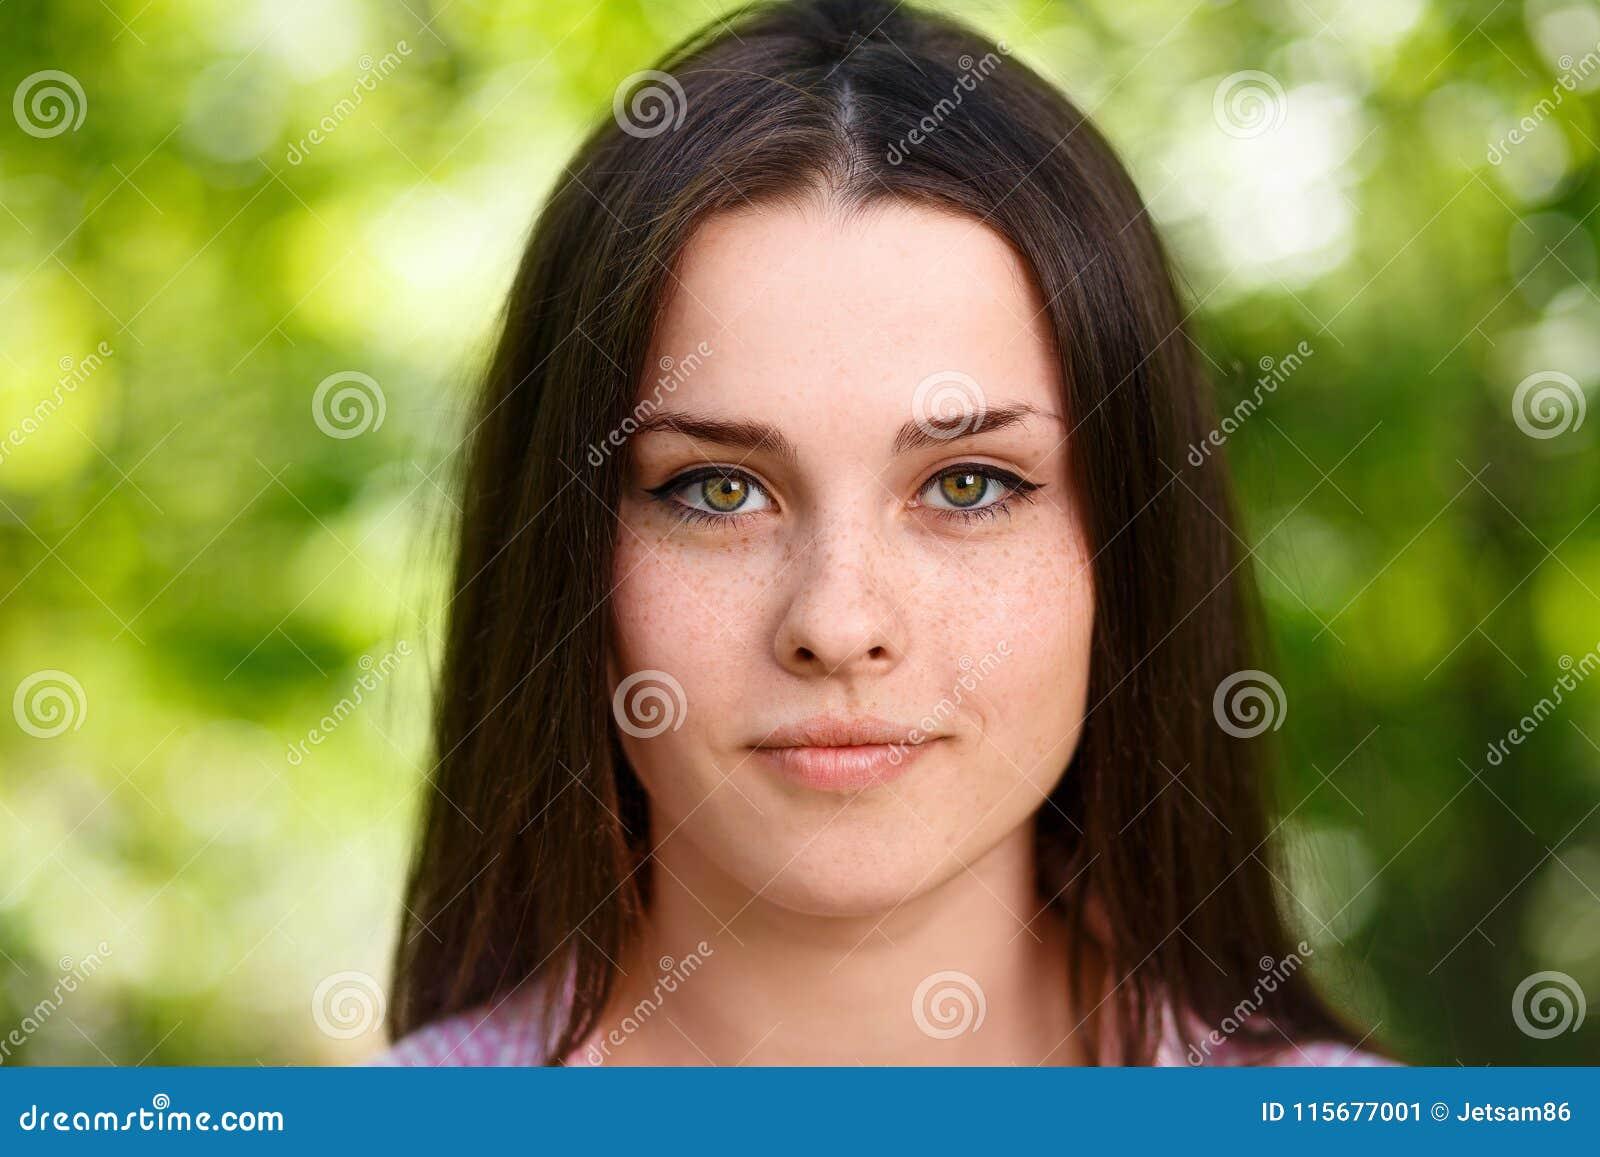 Retrato de olhos verdes freckled bonito novo da cara da mulher com hea